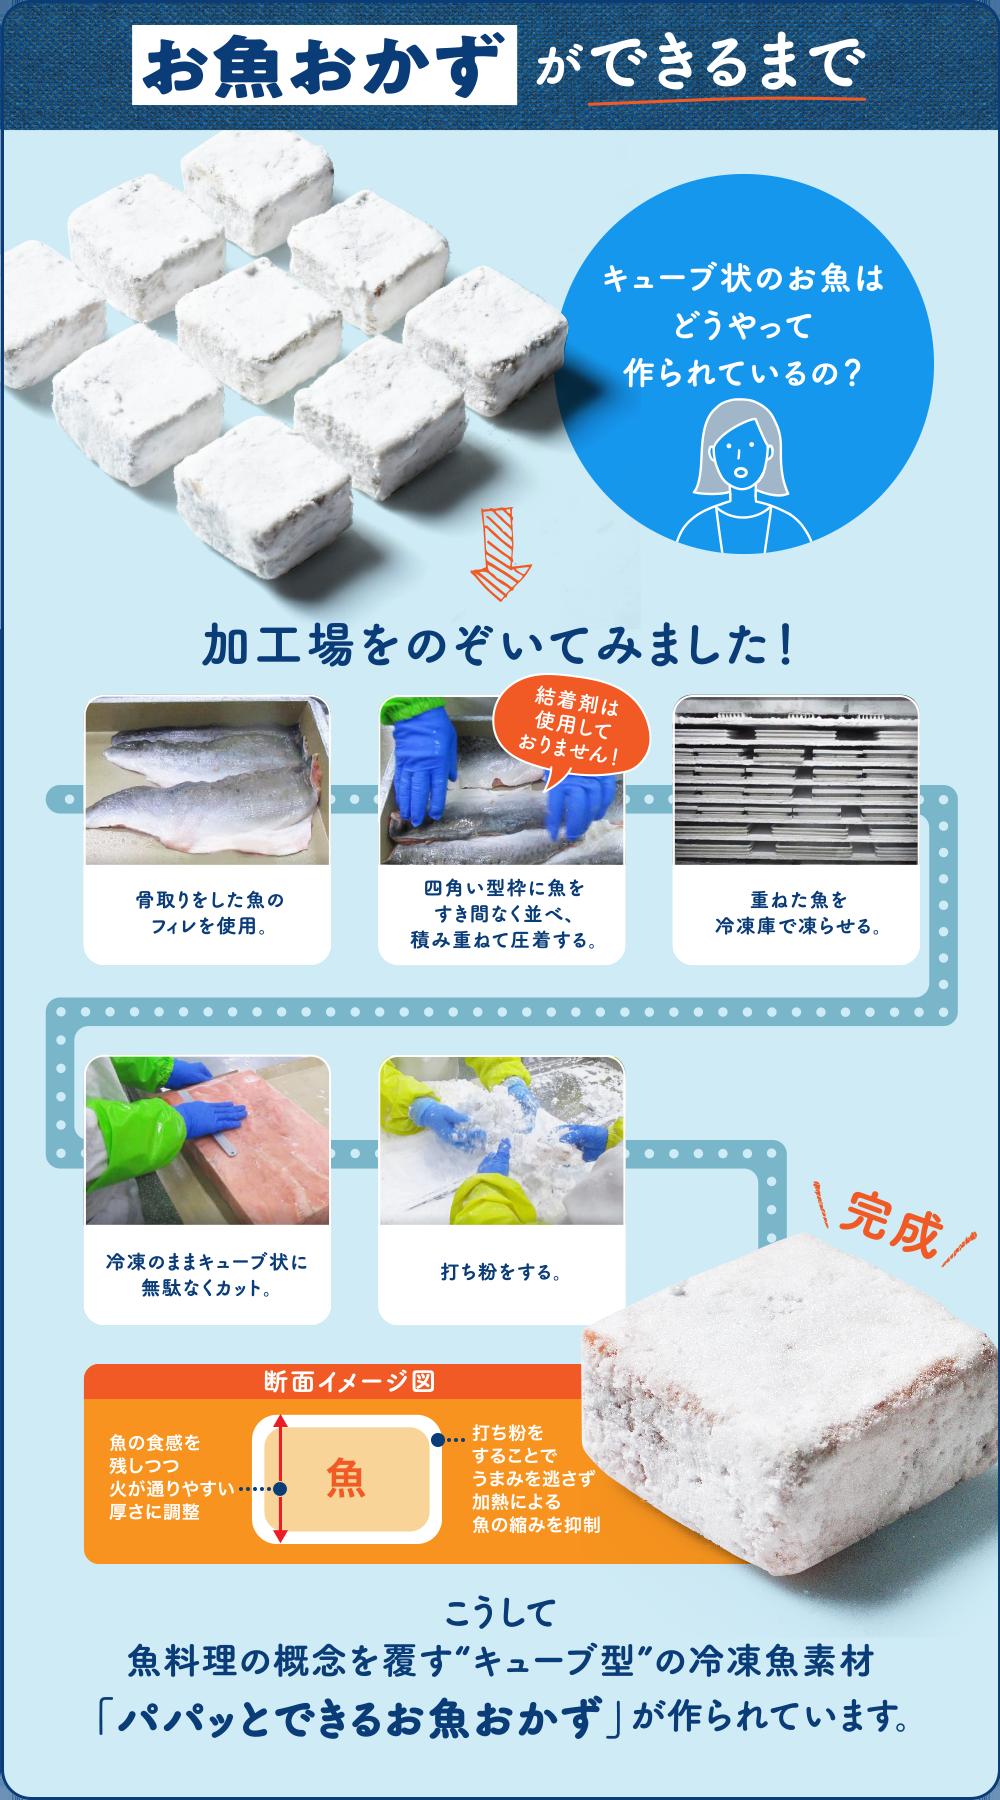 """お魚おかずができるまでキューブ状のお魚はどうやって作られているの?加工場をのぞいてみました!骨取りをした魚のフィレを使用。四角い型枠に魚をすき間なく並べ、積み重ねて圧着する。(結着剤は使用しておりません!)重ねた魚を冷凍庫で凍らせる。冷凍のままキューブ状に無駄なくカット。打ち粉をする。完成 こうして魚料理の概念を覆す""""キューブ型""""の冷凍魚素材「パパッとできるお魚おかず」が作られています。"""